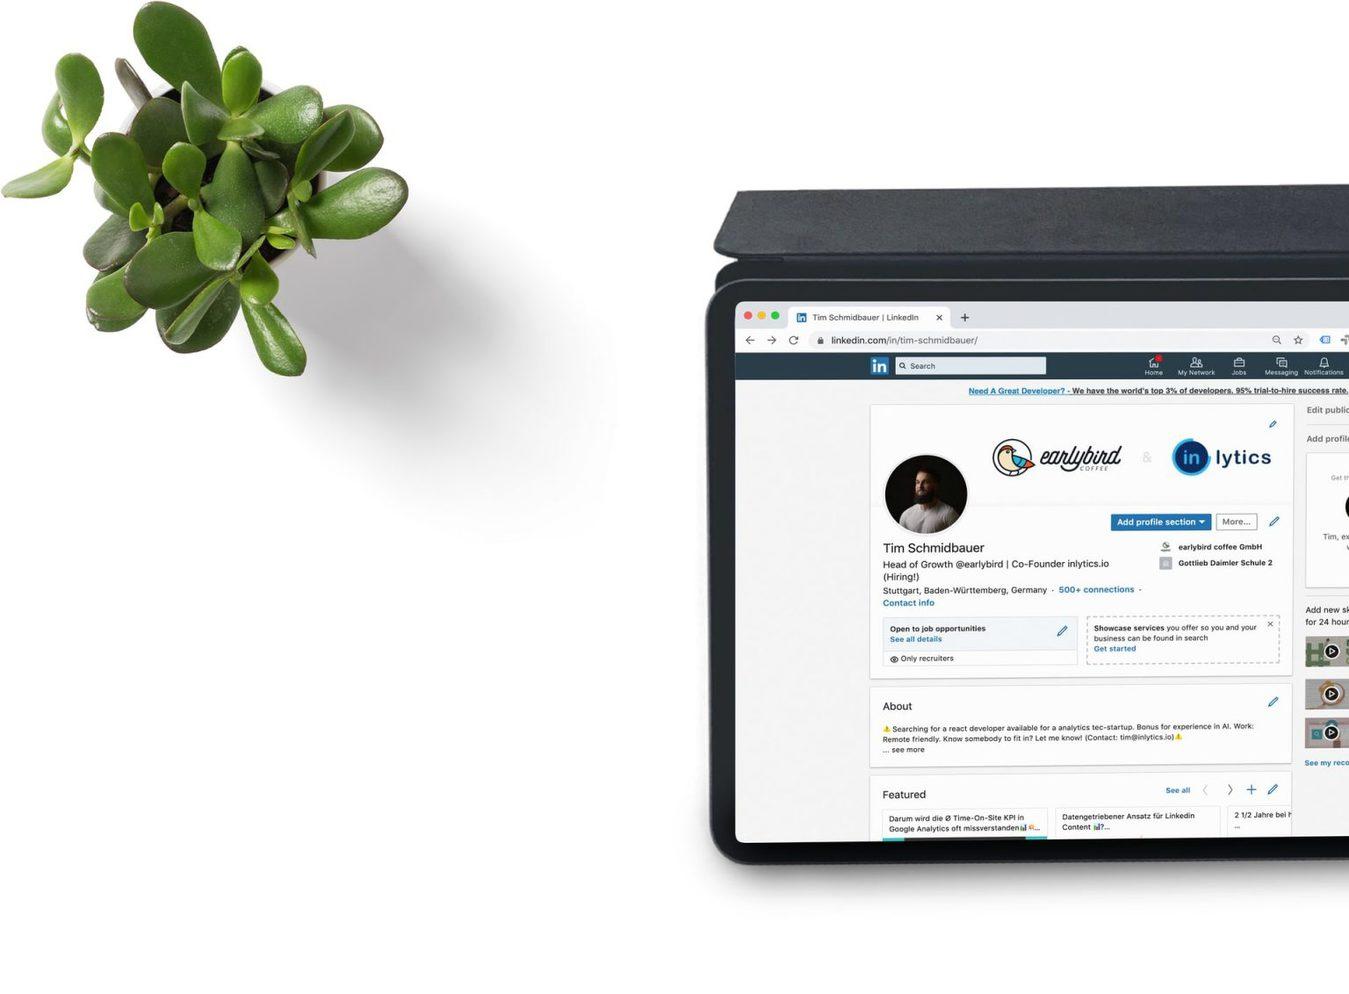 Strona LinkedIn wyświetlana na tablecie, który leży na białym stole koło rośliny